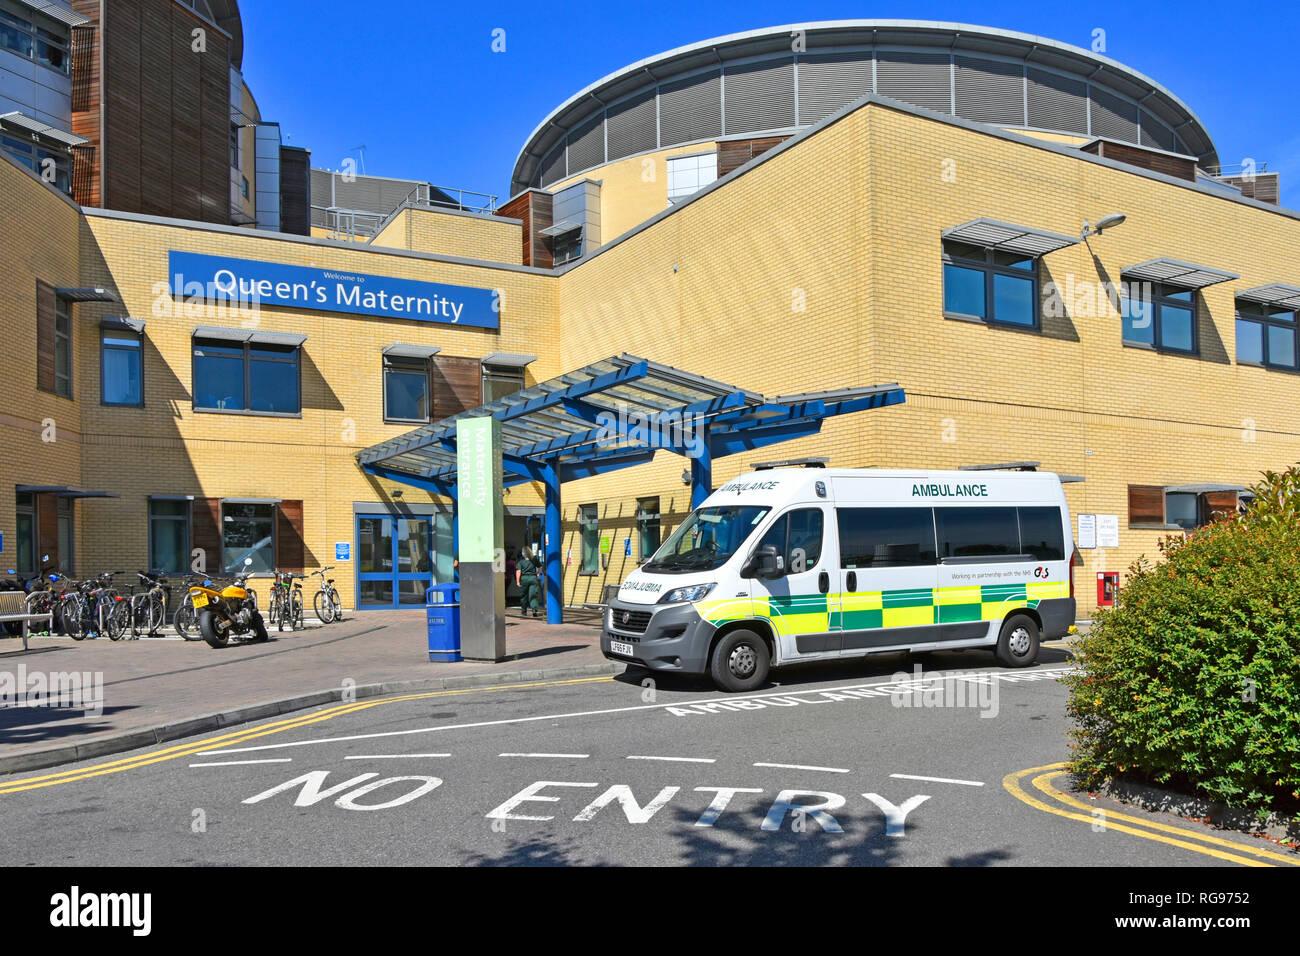 L'extérieur de l'hôpital maternité bâtiment pfi Queens healthcare ward entrée avec G4S de transport en ambulance véhicule Romford East London England UK Photo Stock